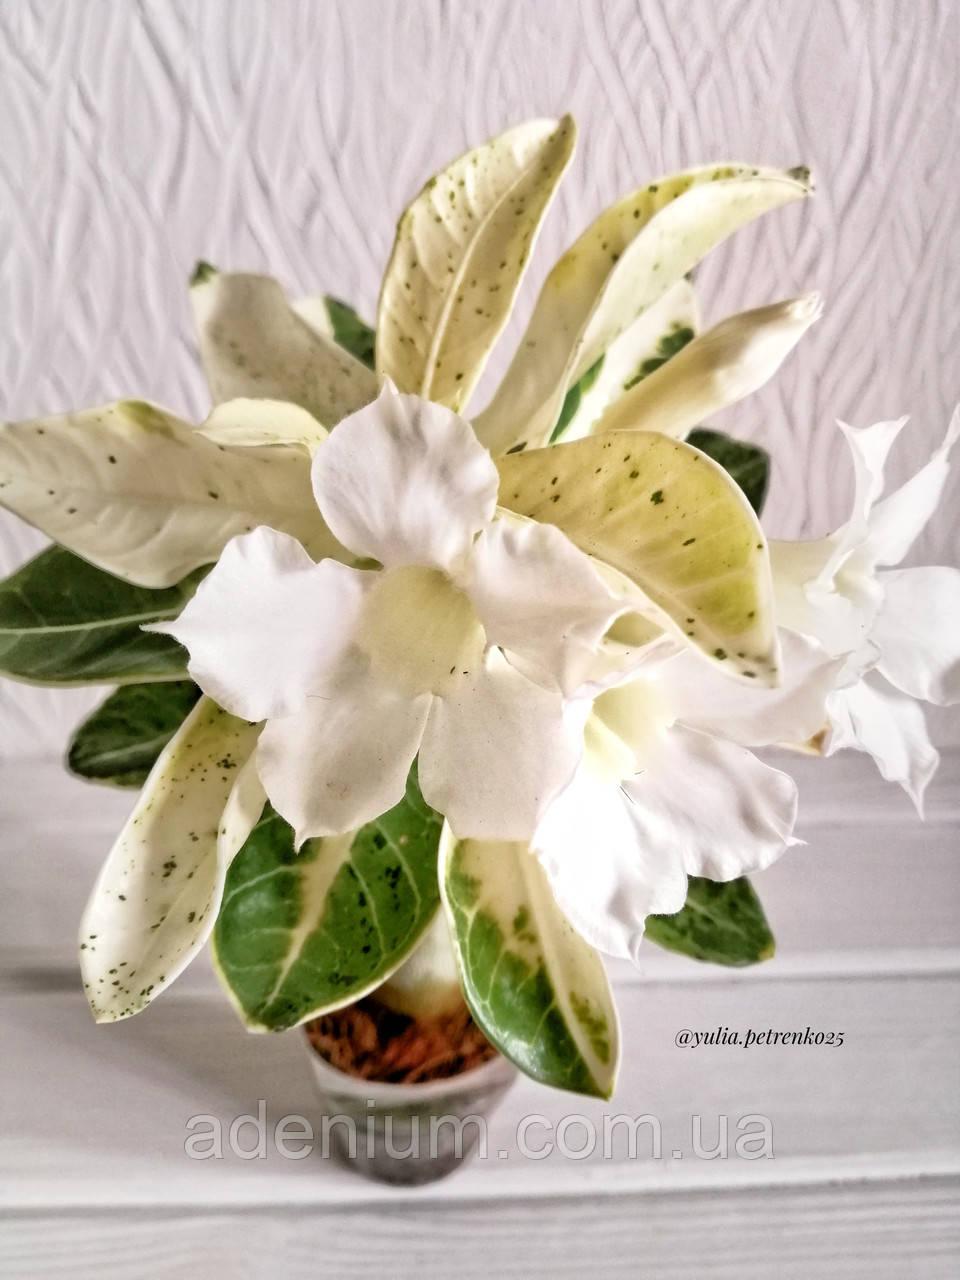 Адениум Raffaello  (молодое растение, вариегатный)